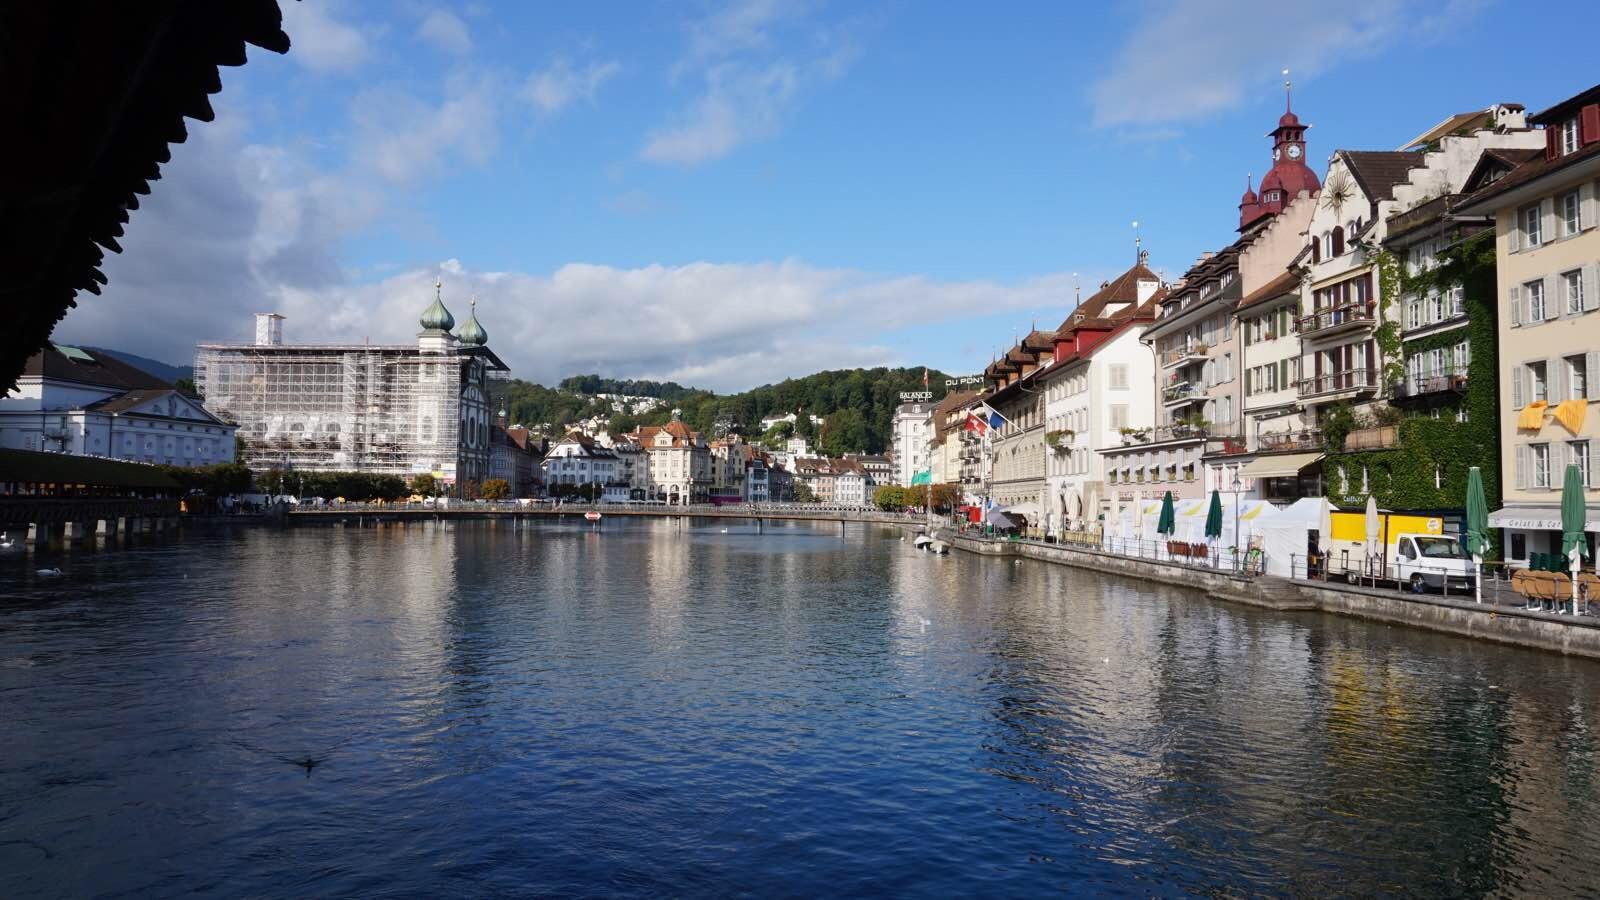 瑞士琉森天鹅湖廊桥